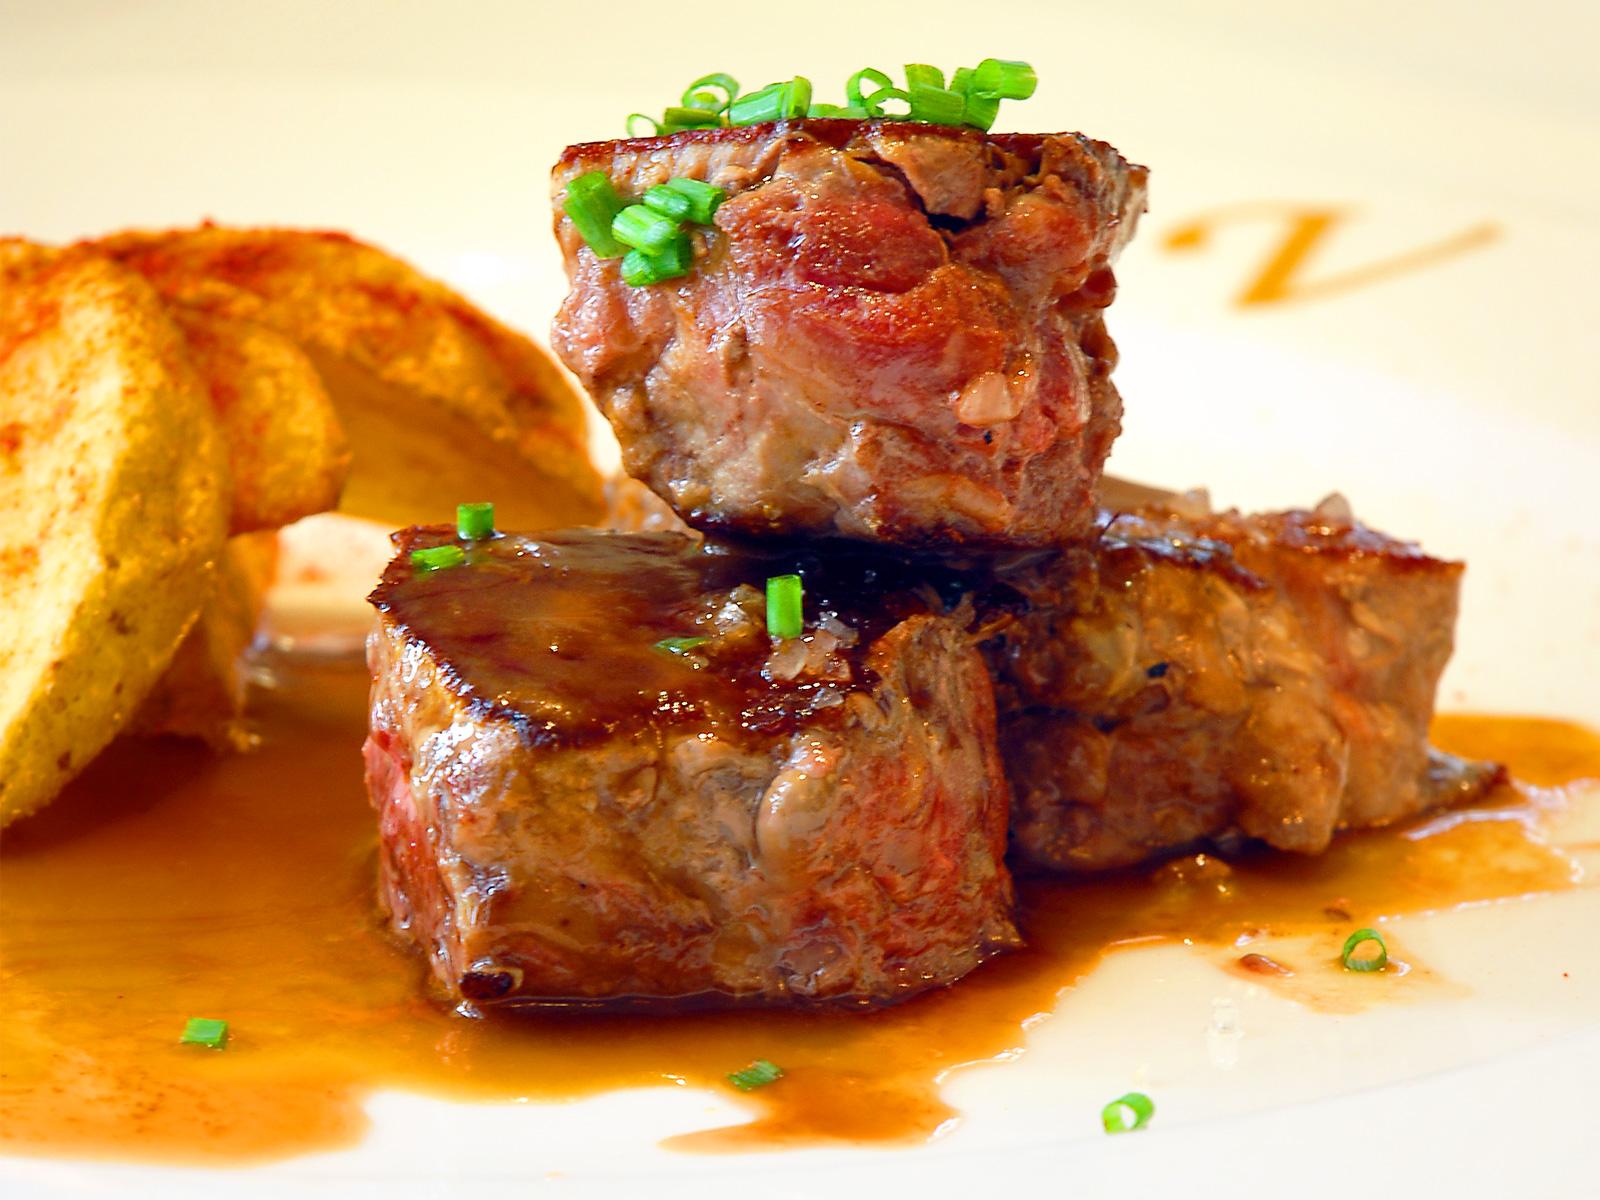 Restaurant Dish - Vincci La Rábida 4*